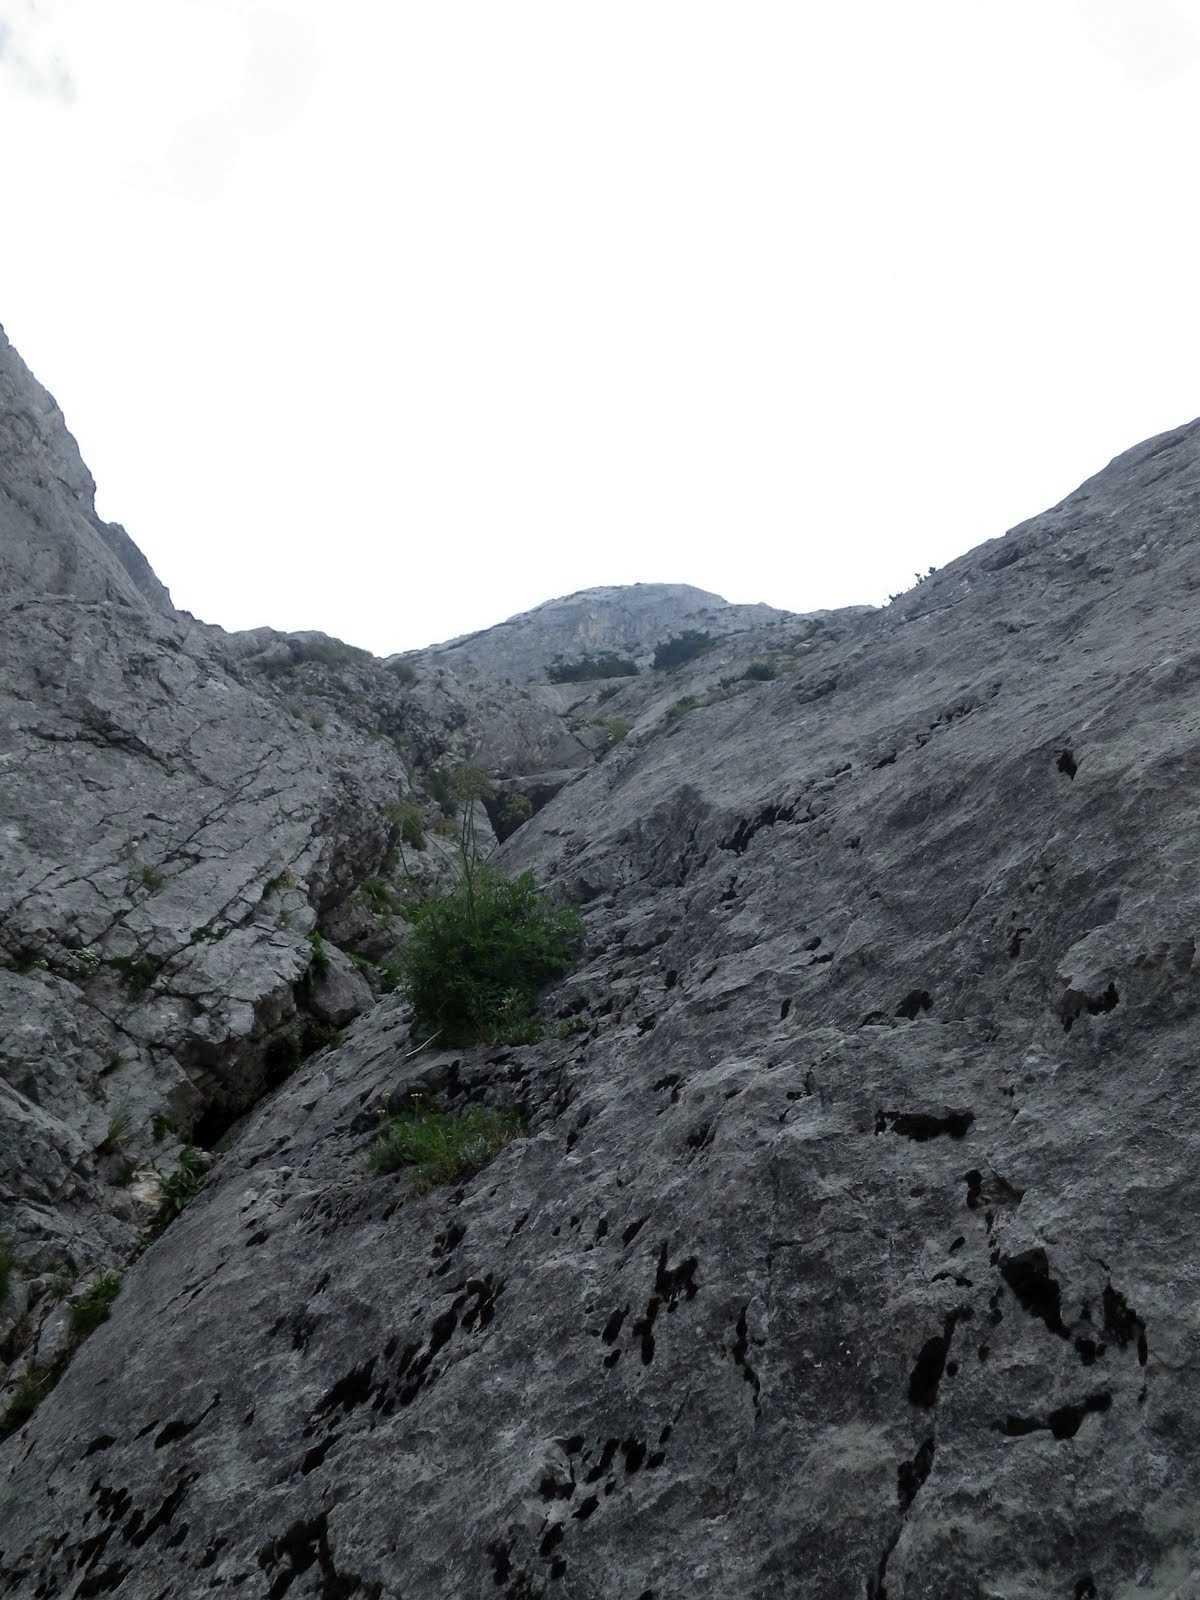 Celkový pohľad na stenu od začiatku cesty Seeblick